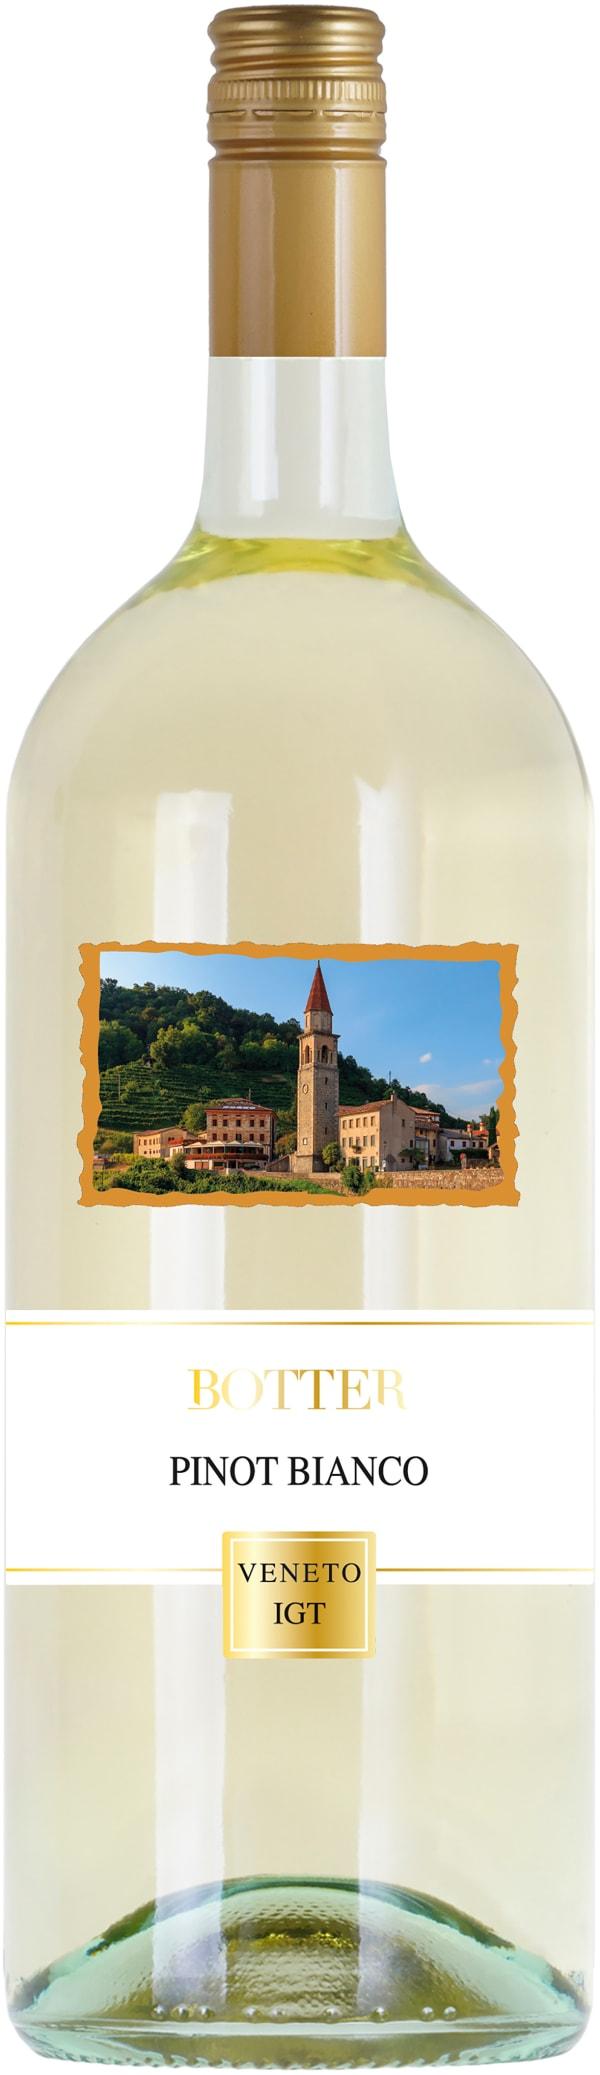 Botter Pinot Bianco 2017